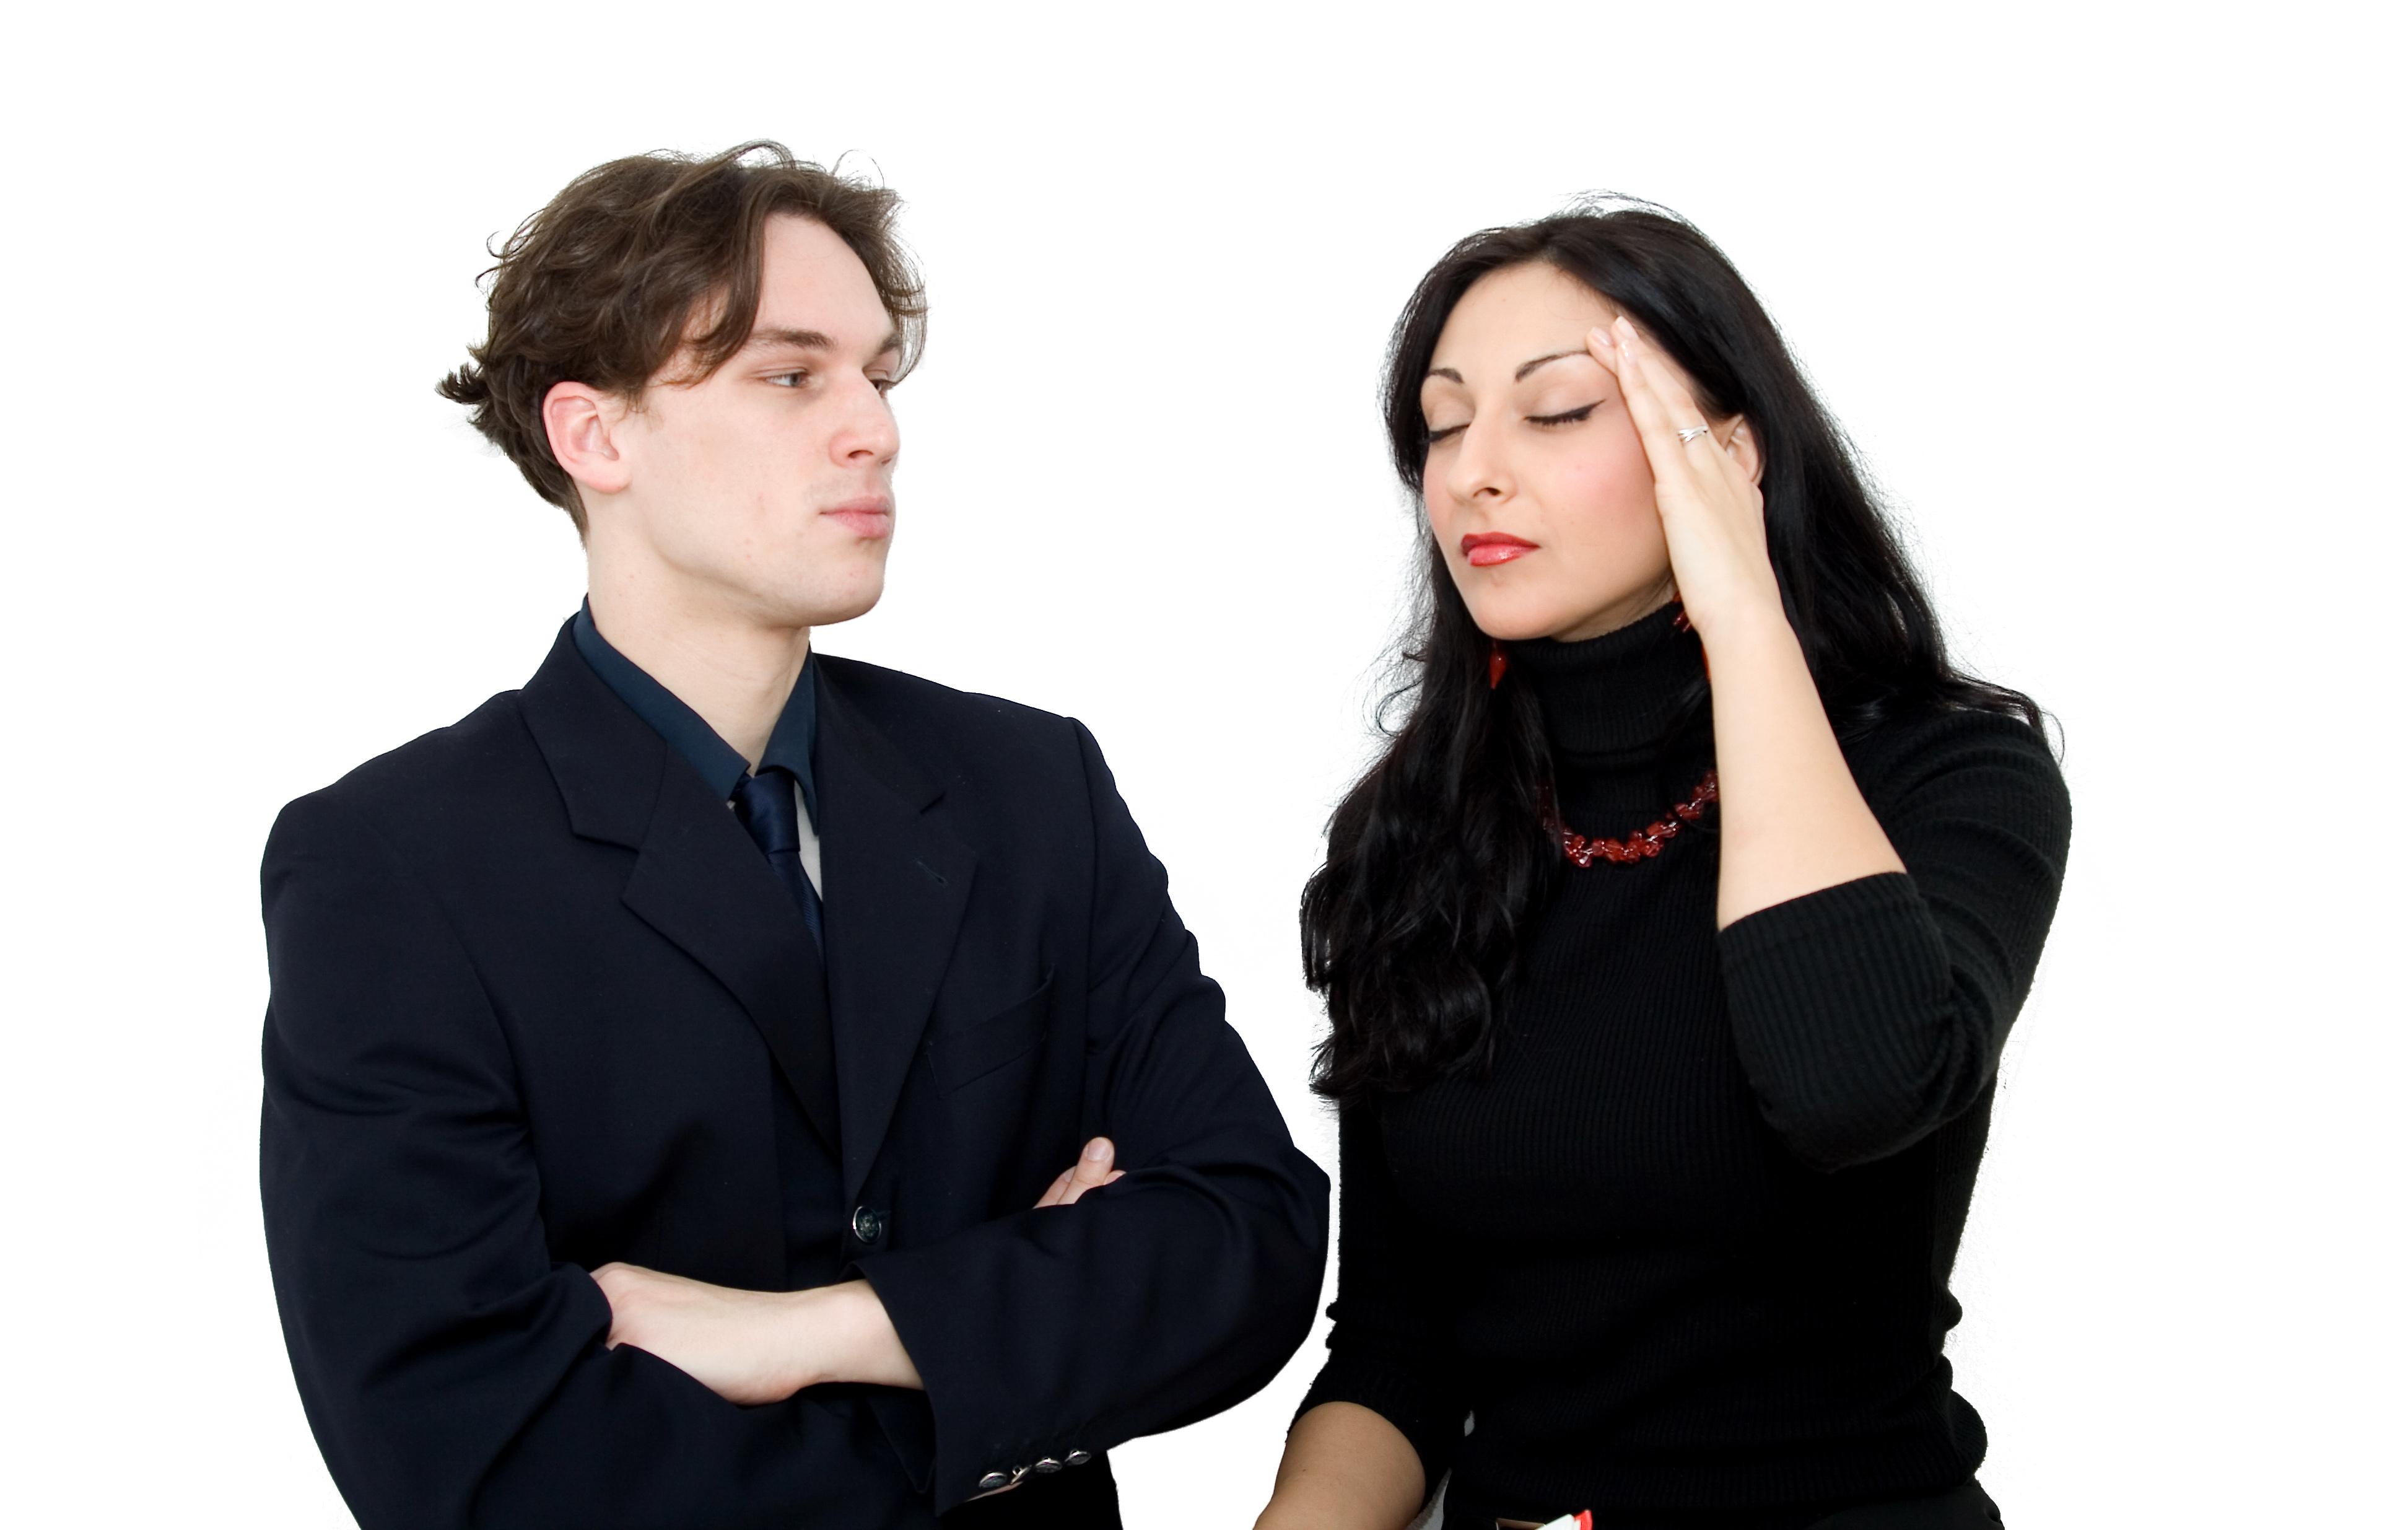 Las mujeres sufren más problemas de depresión derivados de ser jefes que los hombres. Imagen: dinostock. Fuente: PhotoXpress.